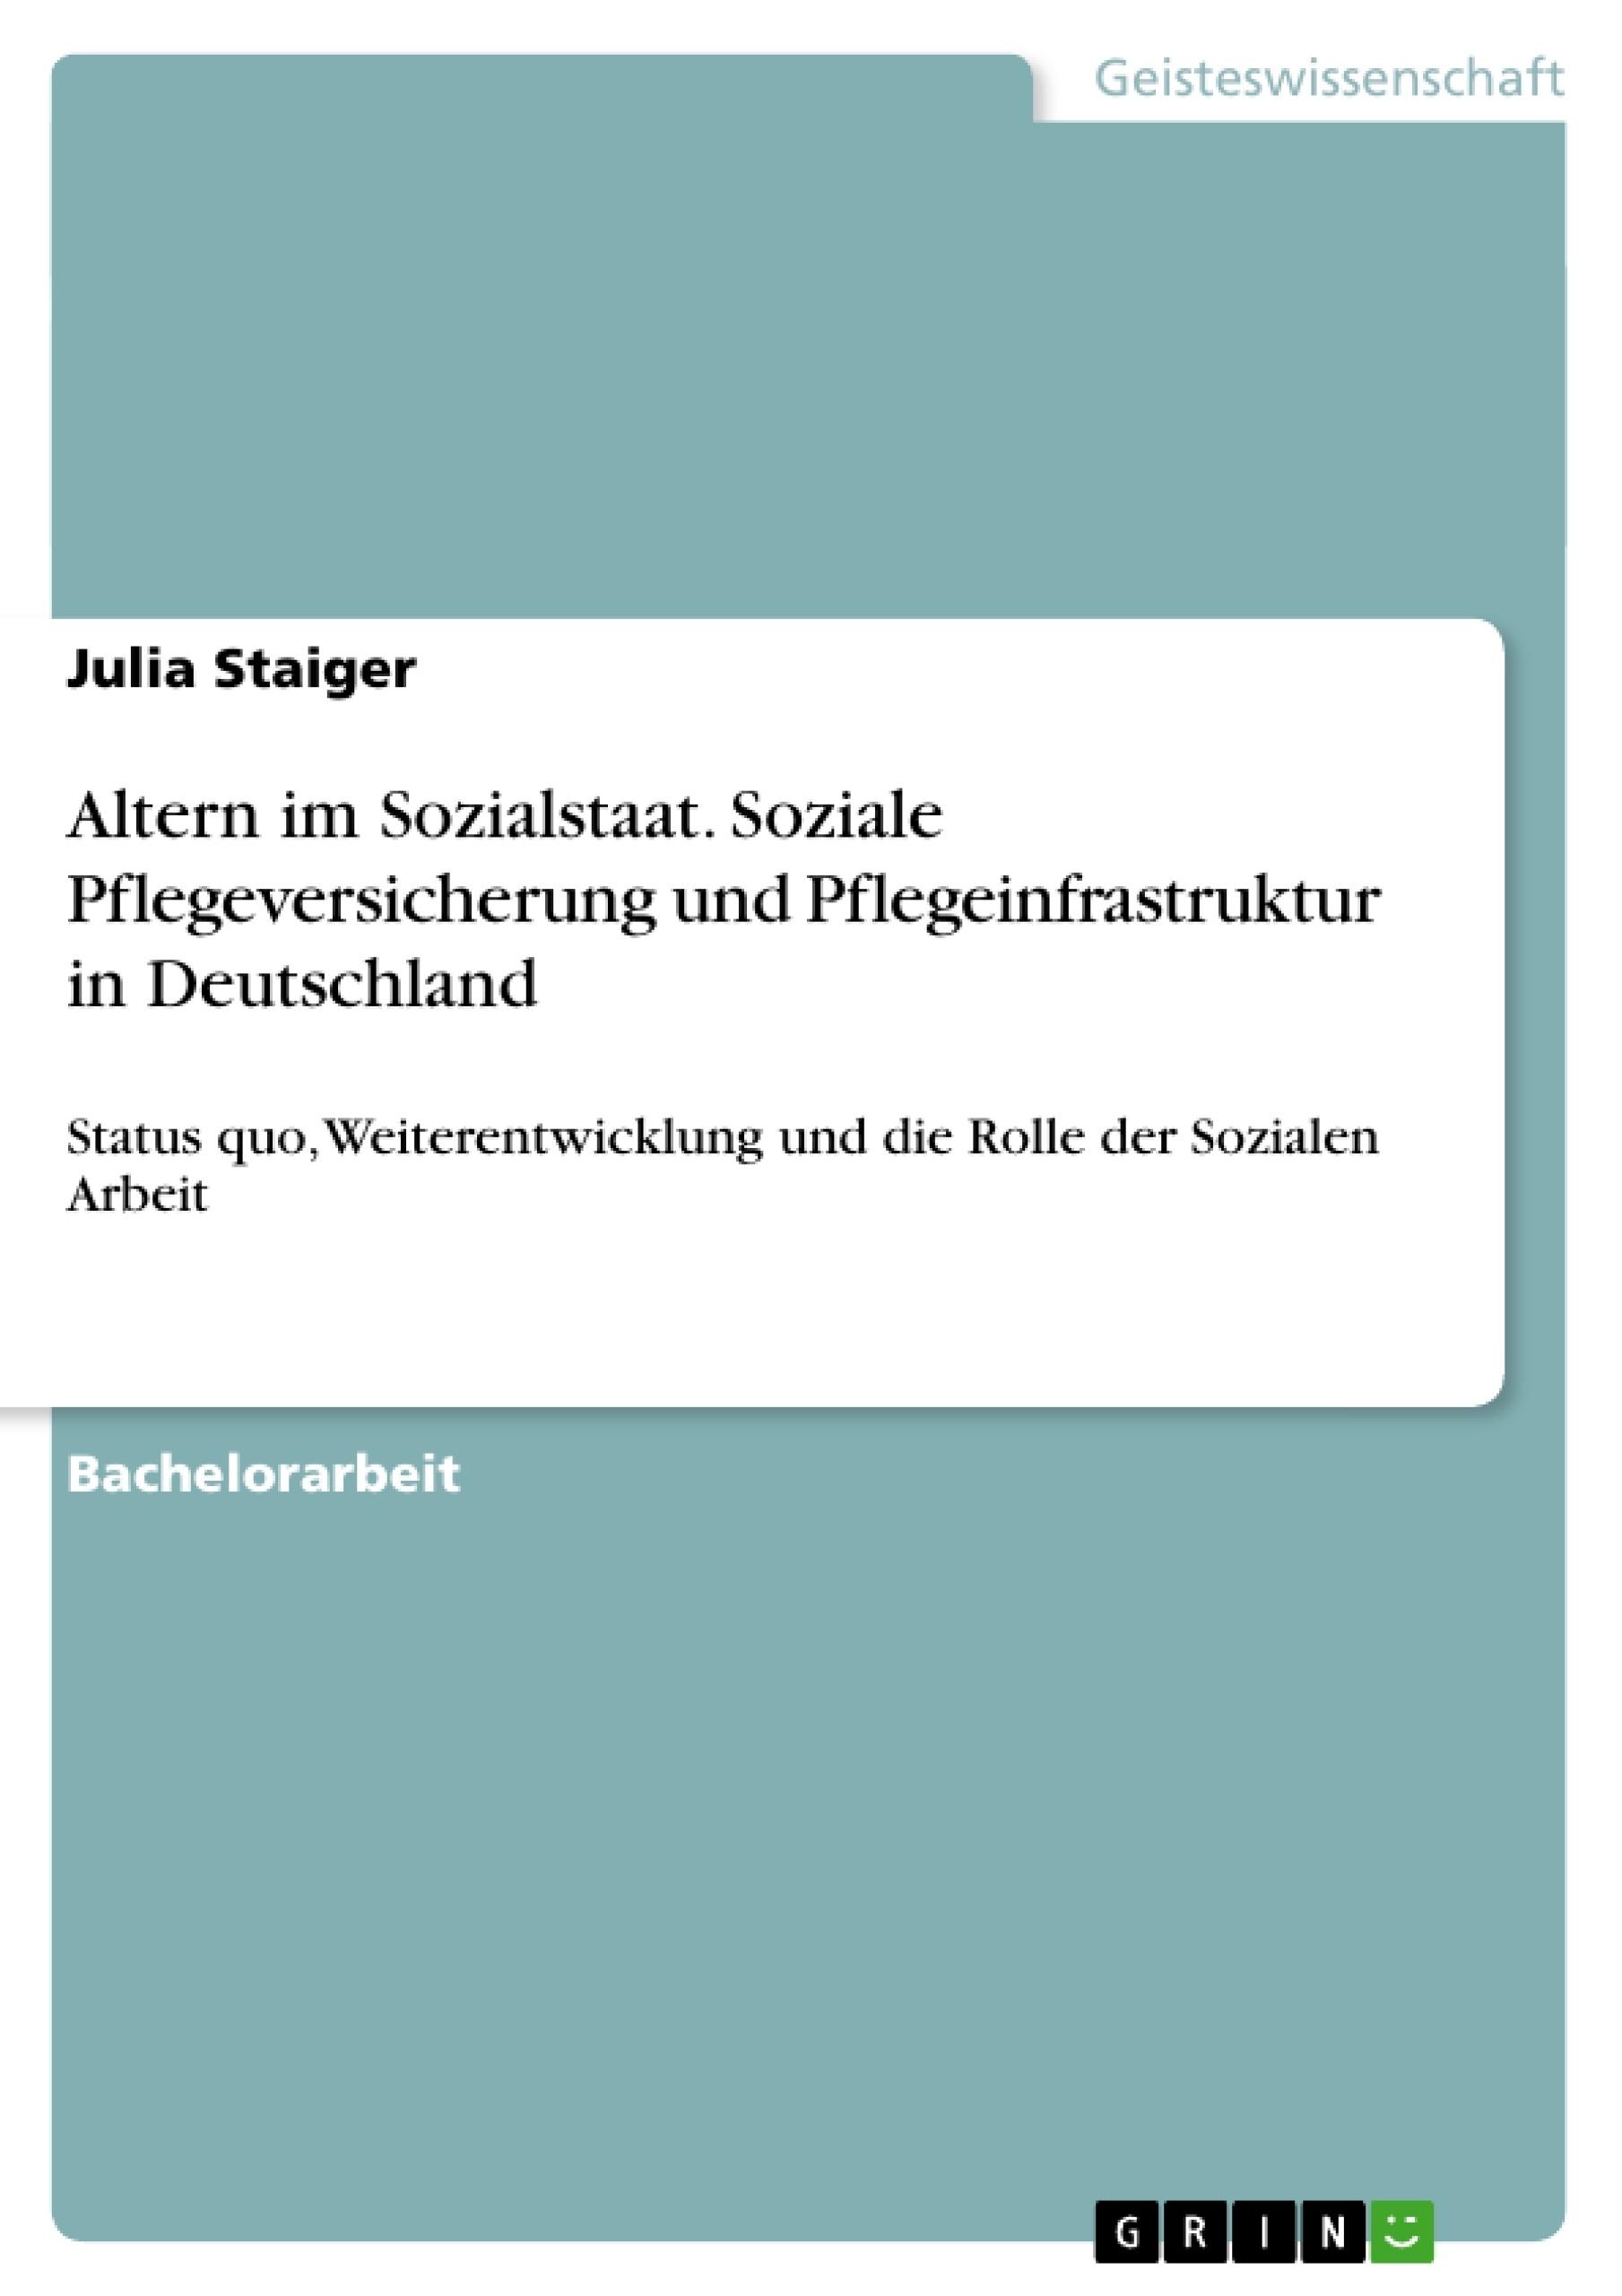 Titel: Altern im Sozialstaat. Soziale Pflegeversicherung und Pflegeinfrastruktur in Deutschland